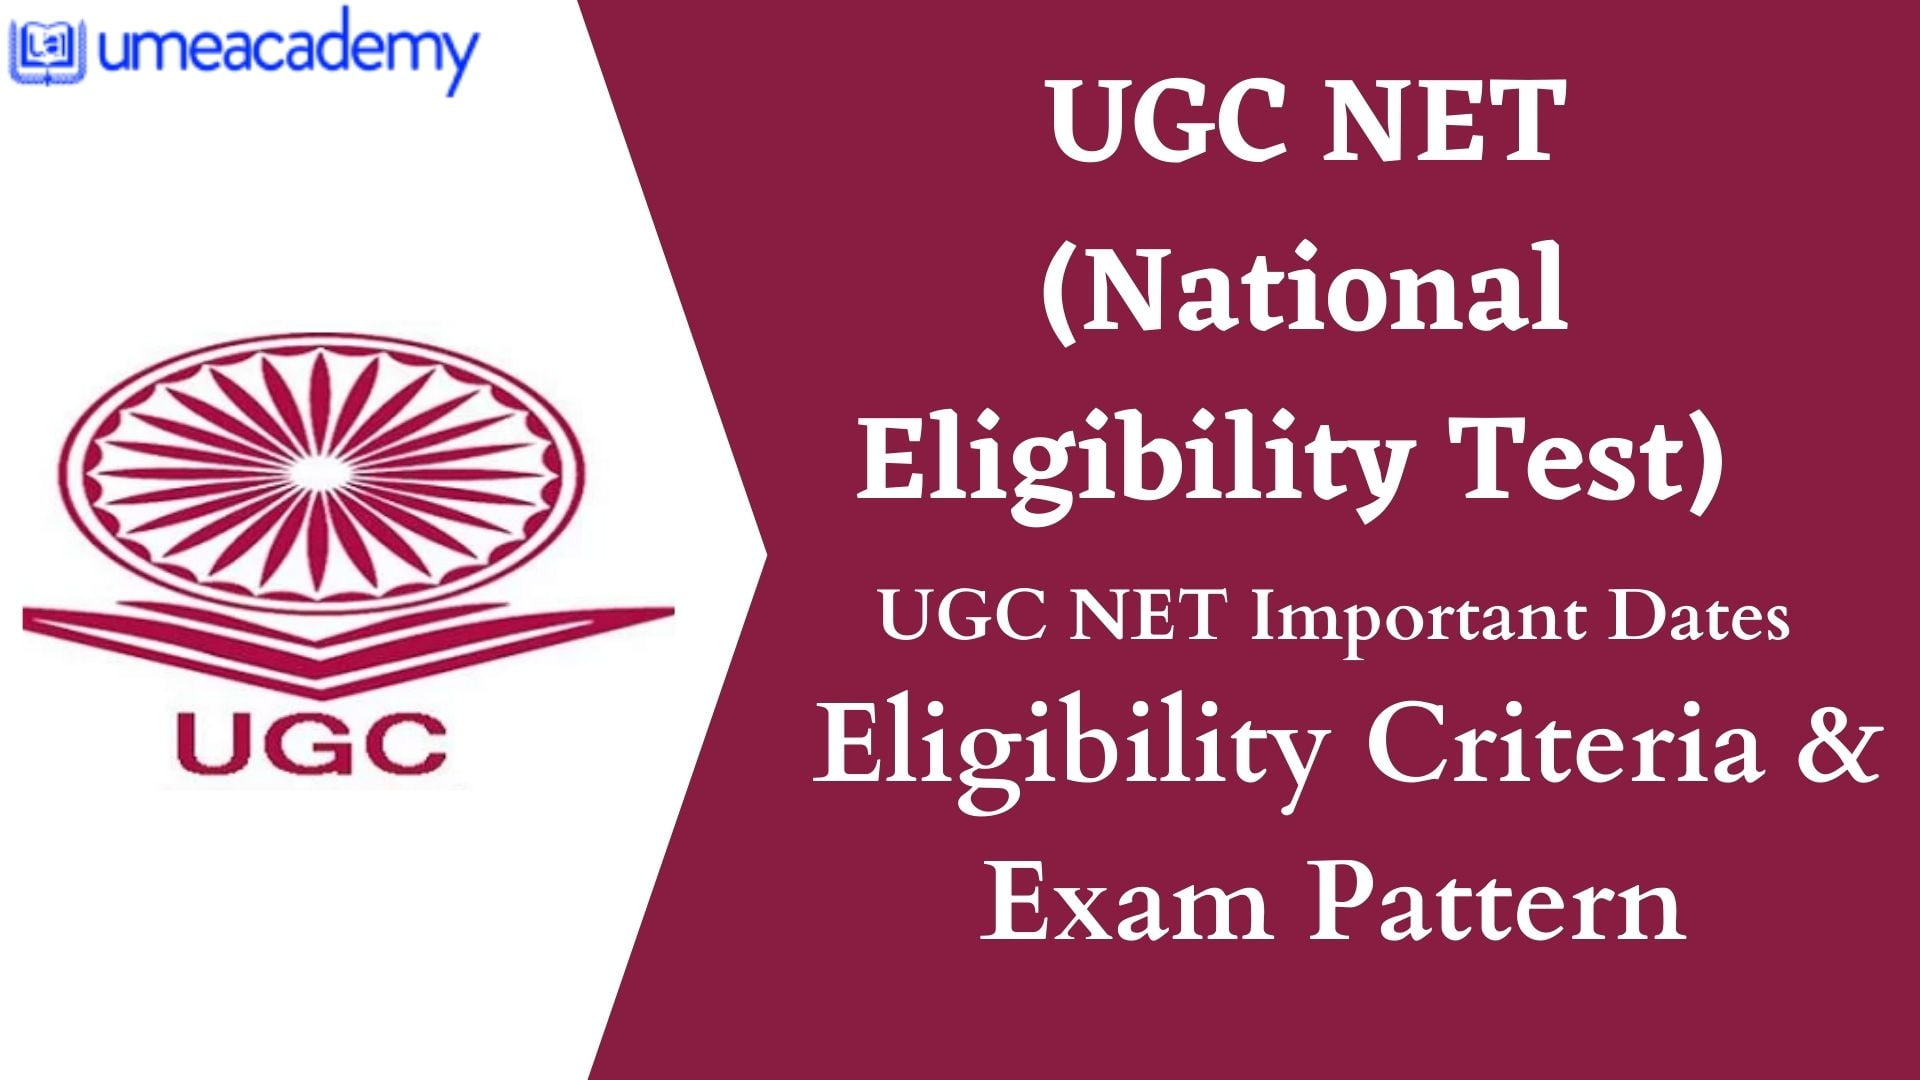 UGC NET